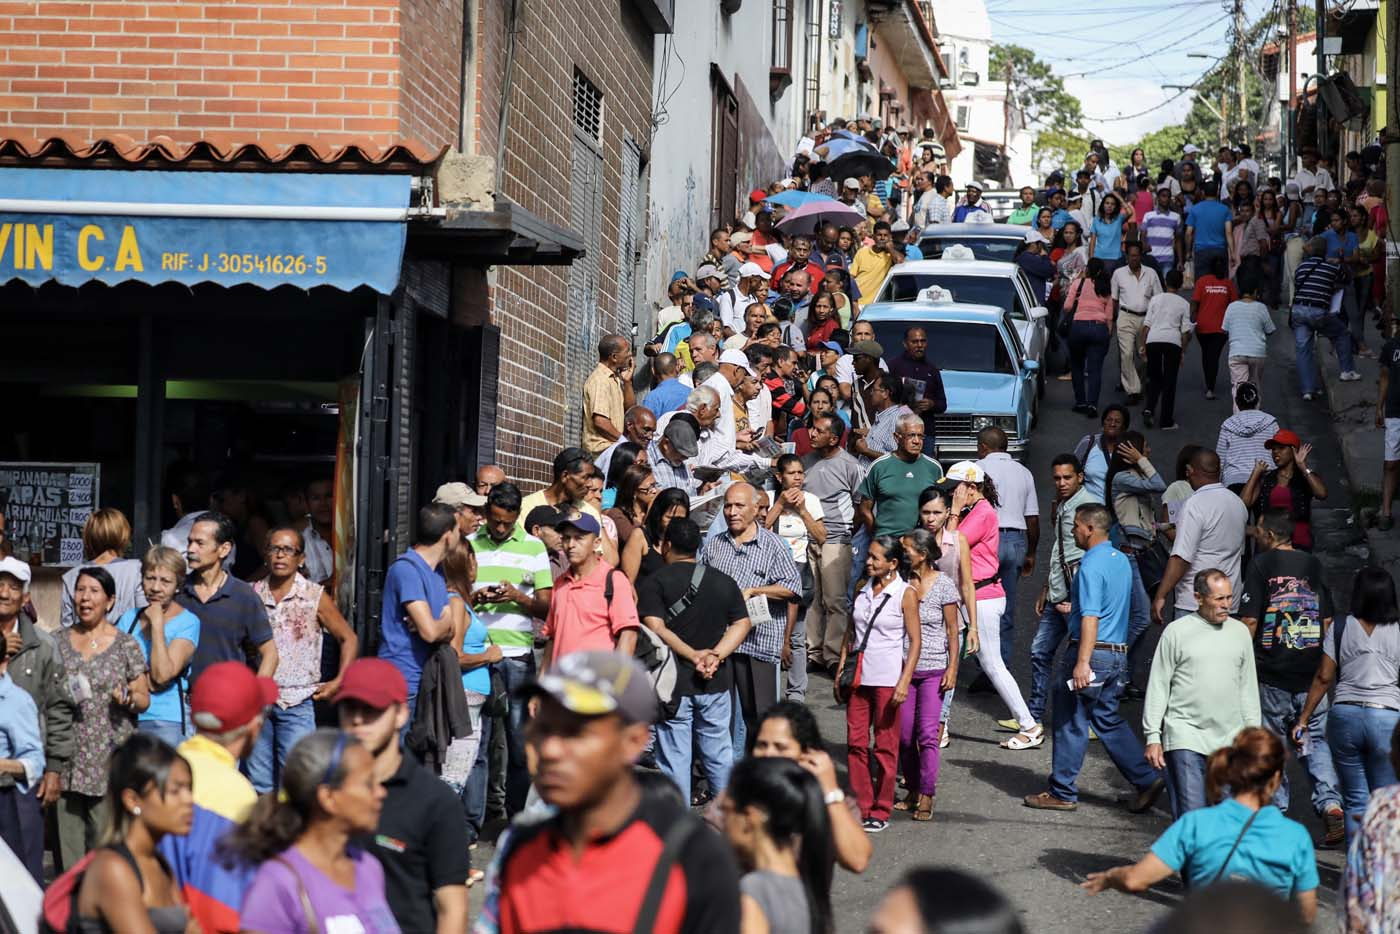 Los viejos feudos chavistas también votan en la consulta popular #16Jul